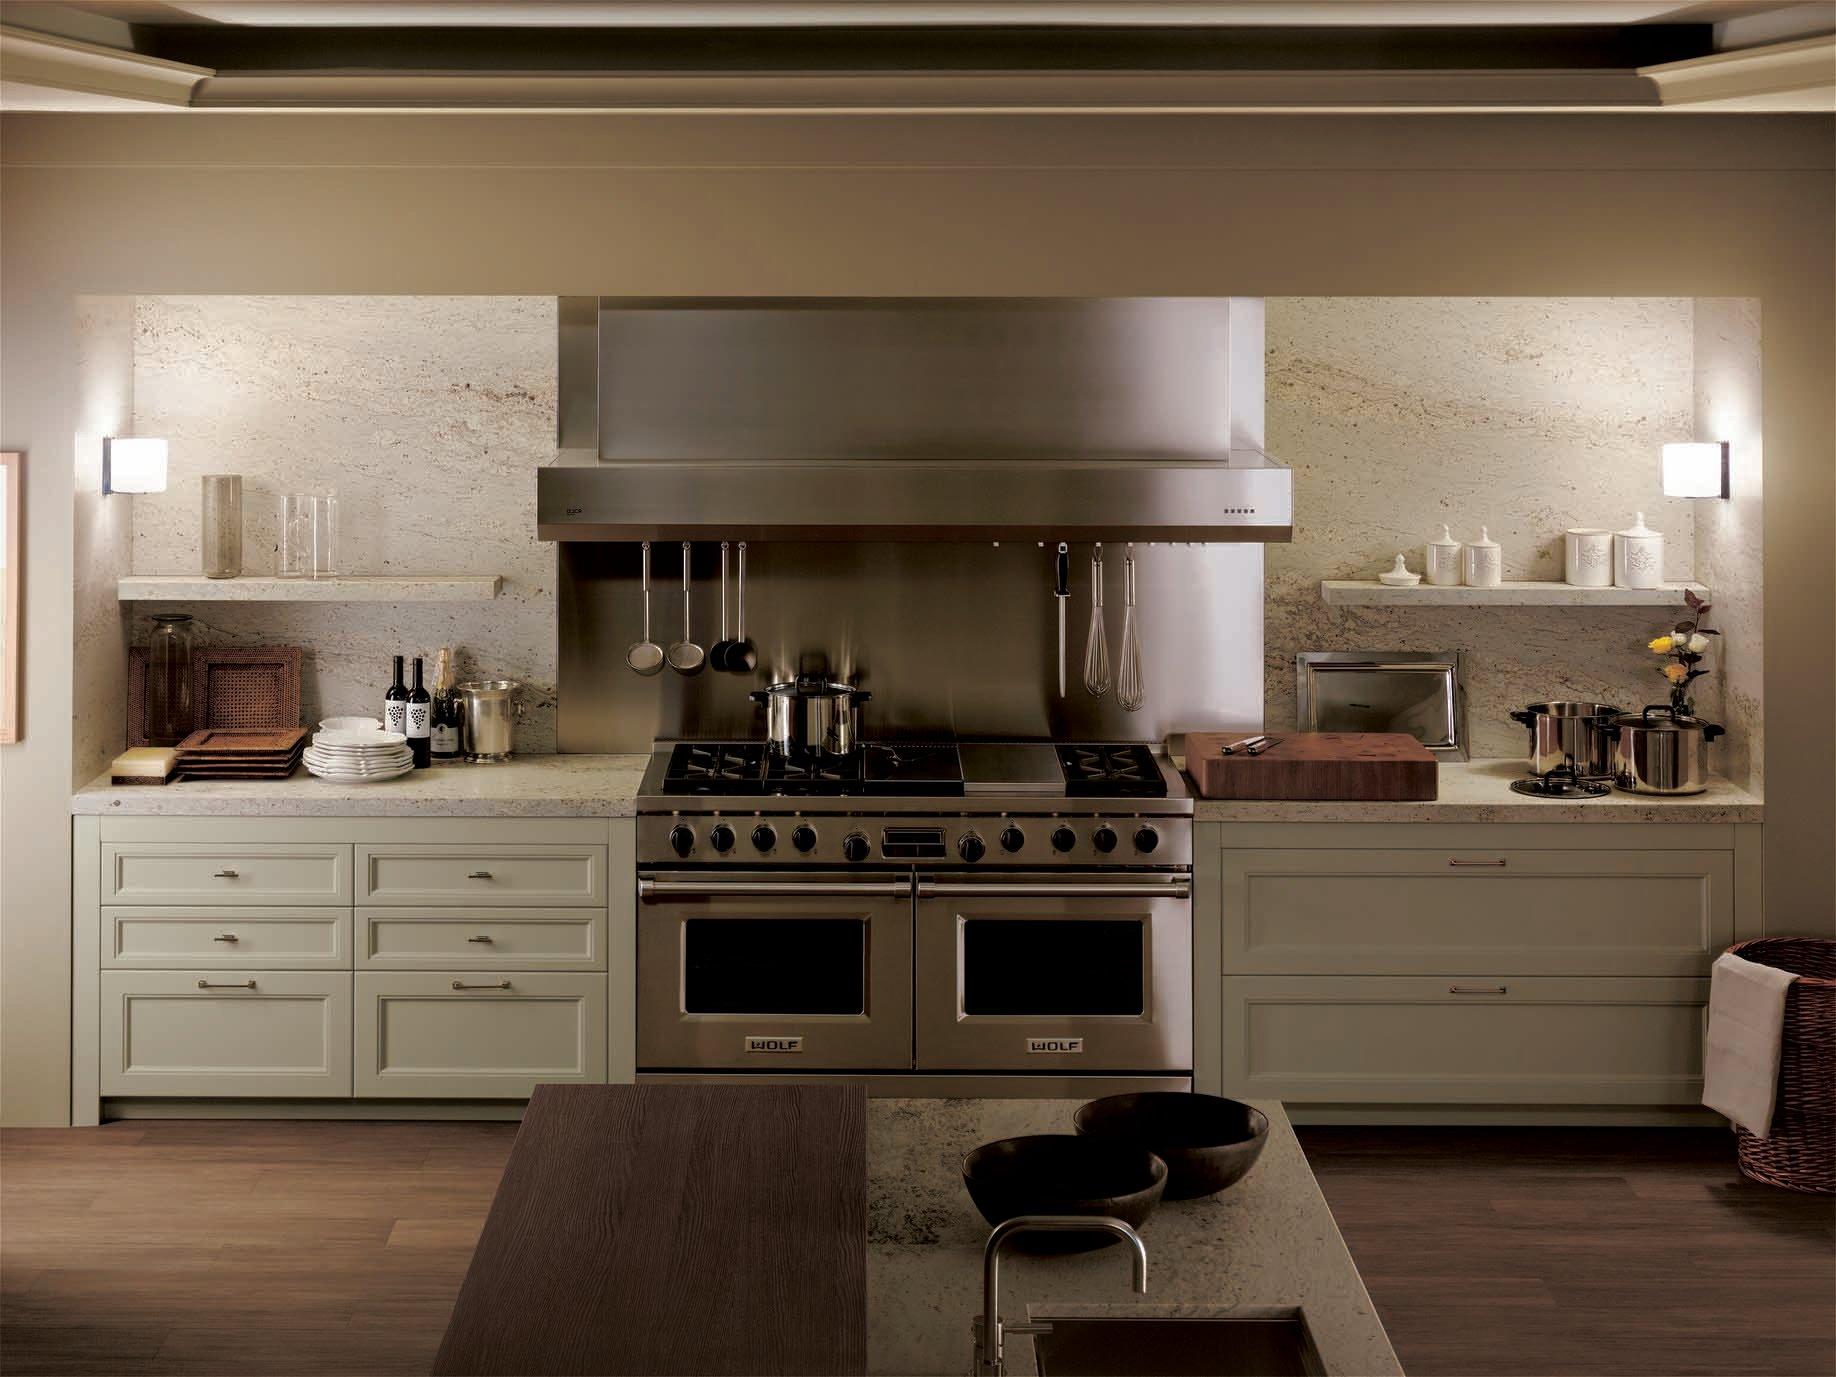 Cocinas hogare as capri gunni trentino - Gunni cocinas ...